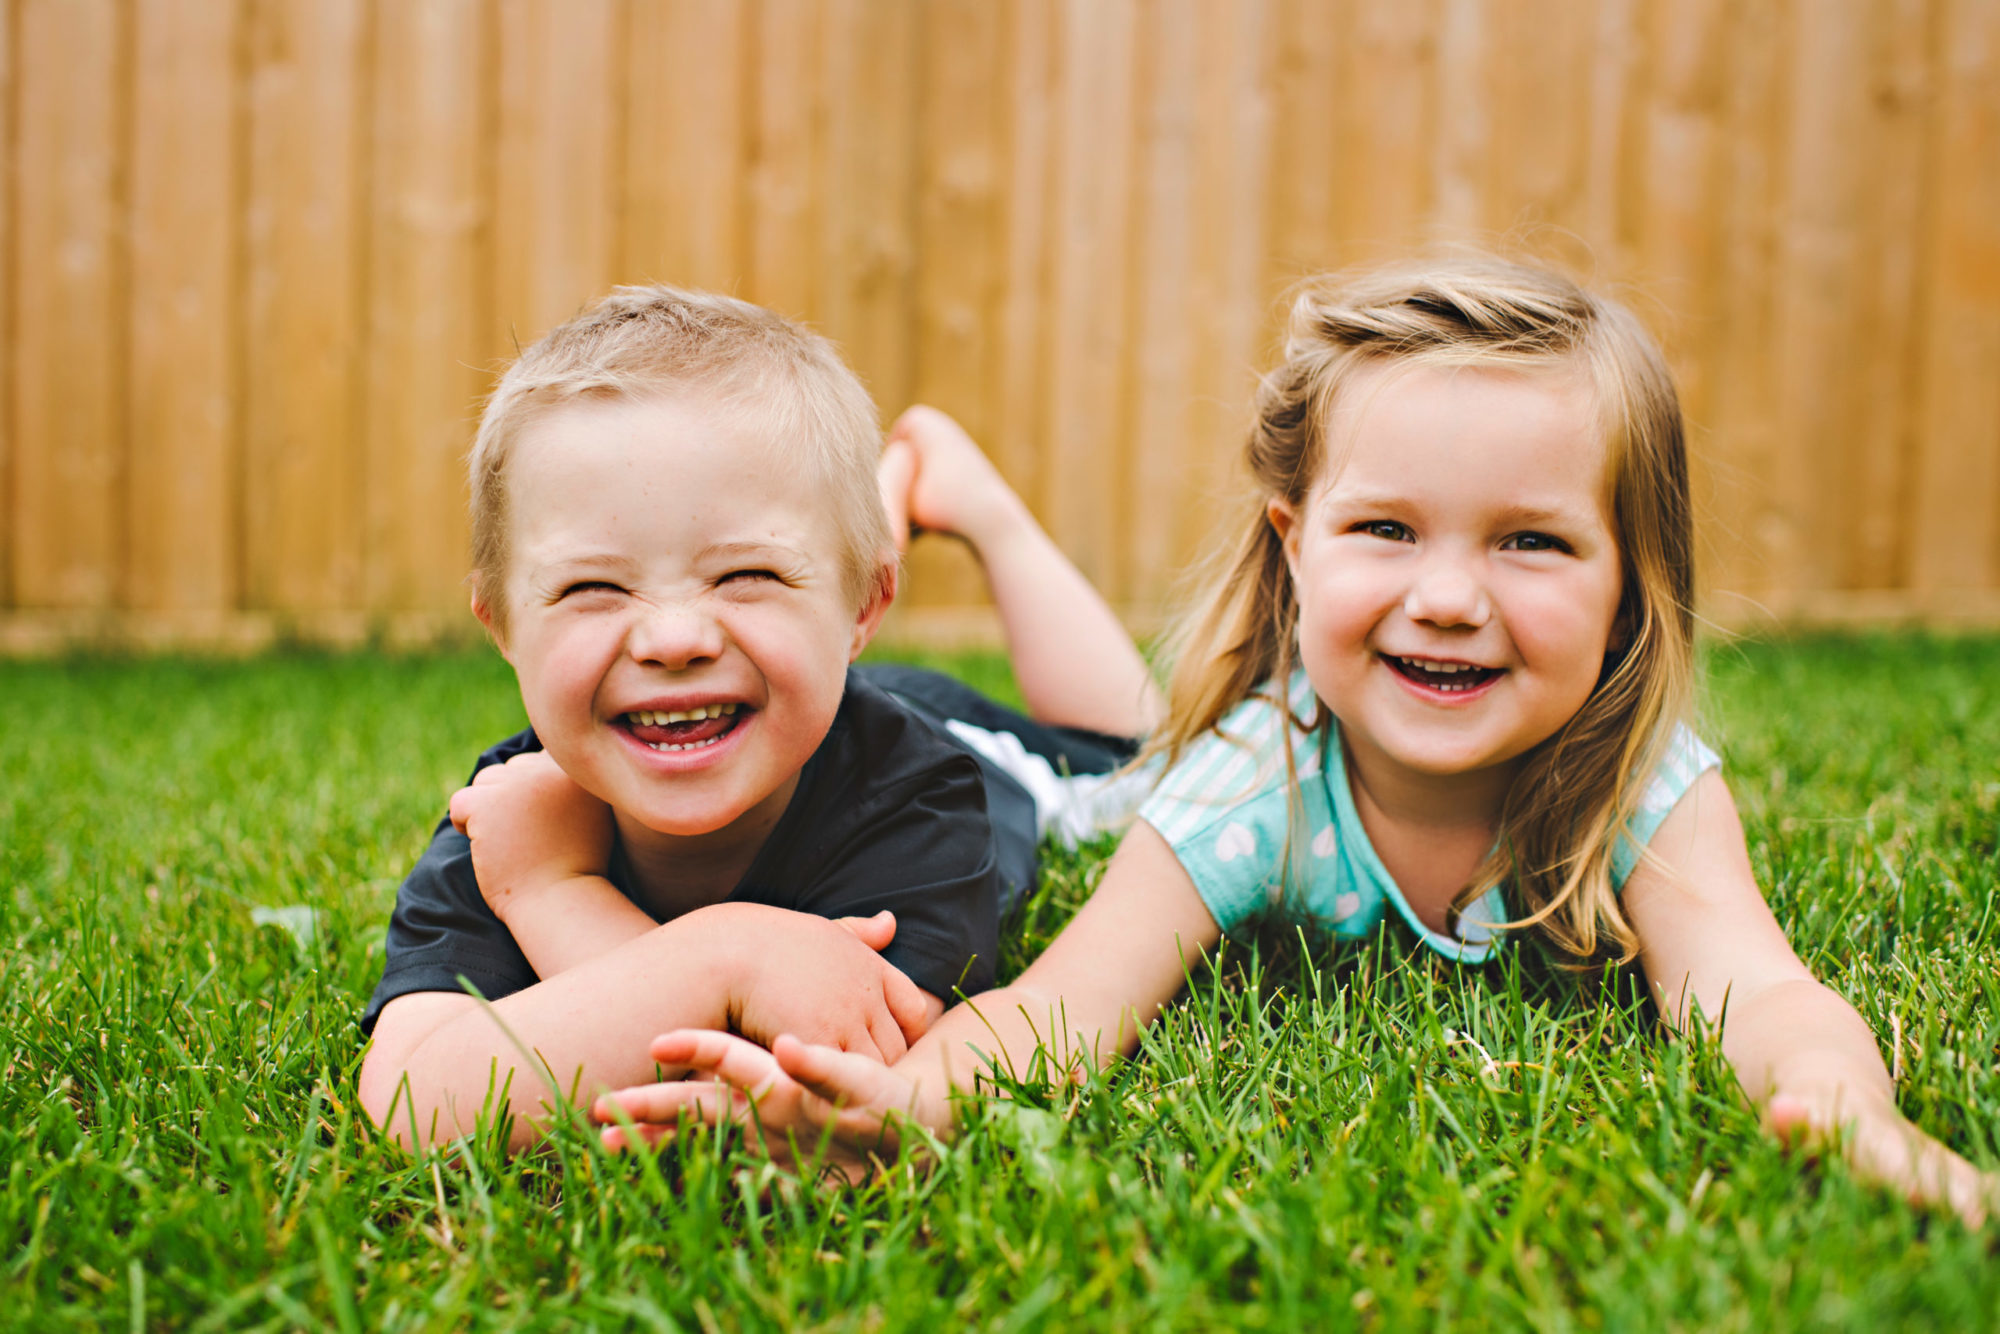 kids in backyard